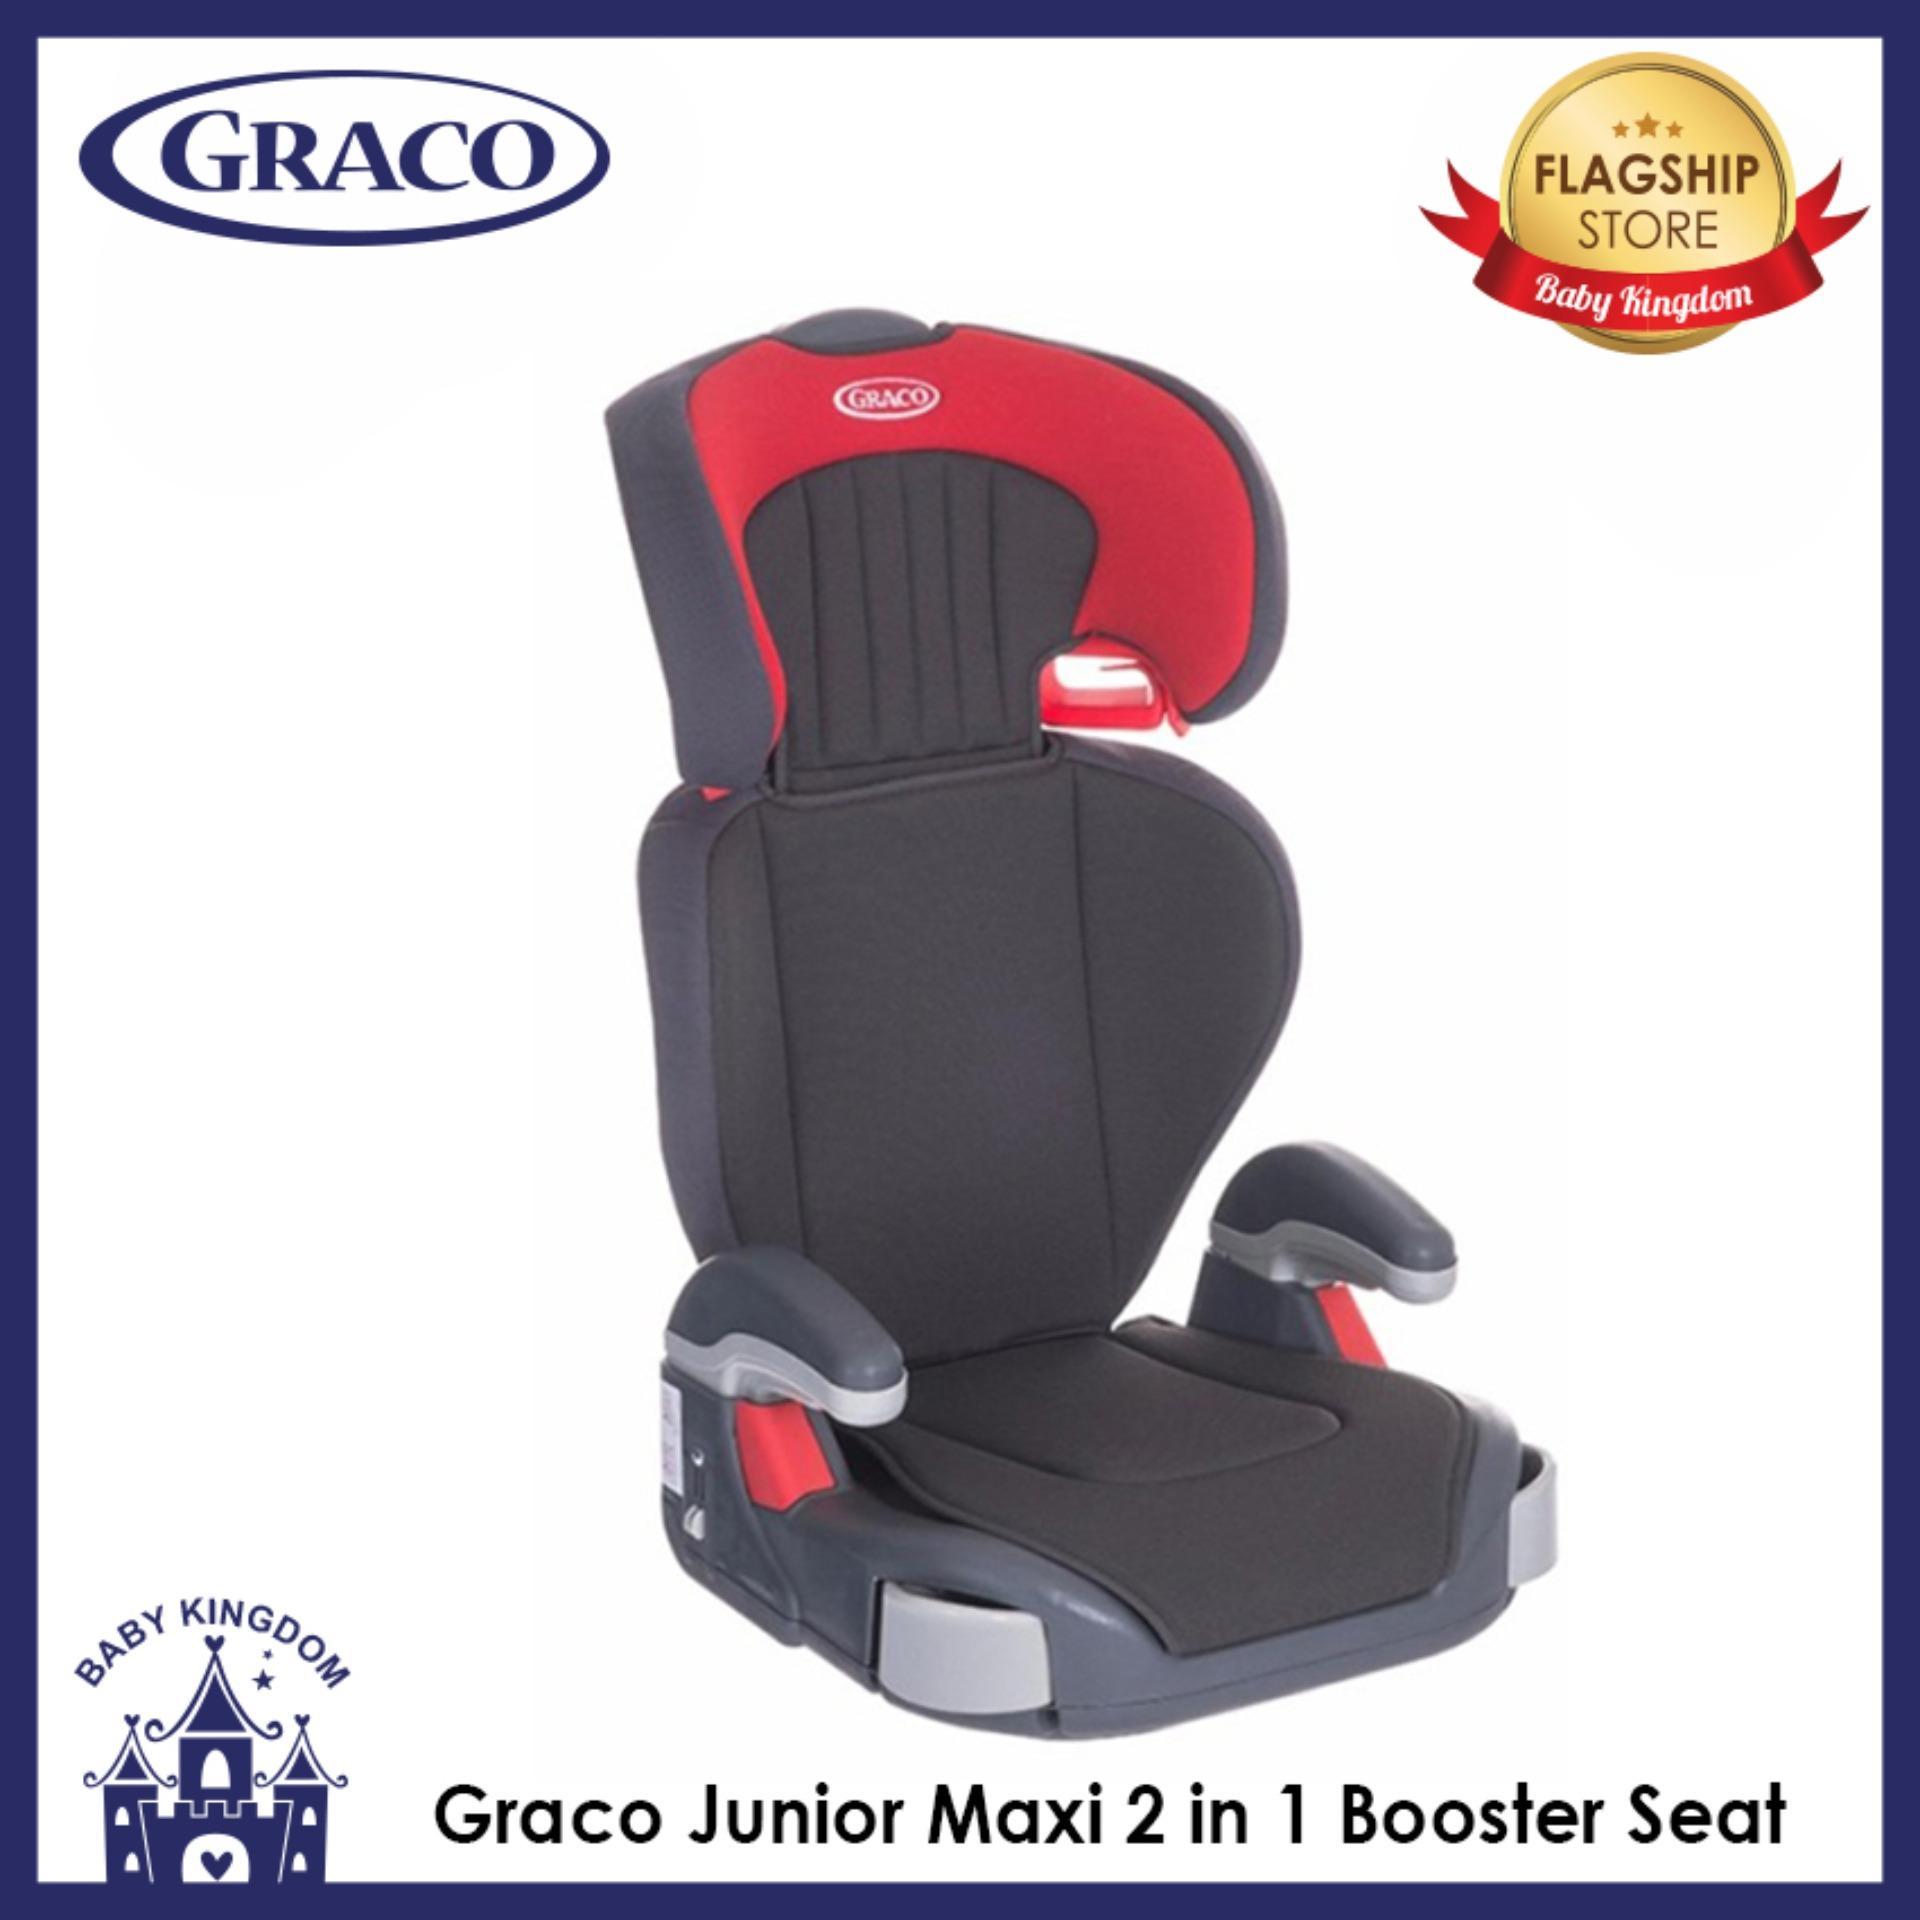 Graco Junior Maxi Pompeian Red Local Warranty Price Comparison